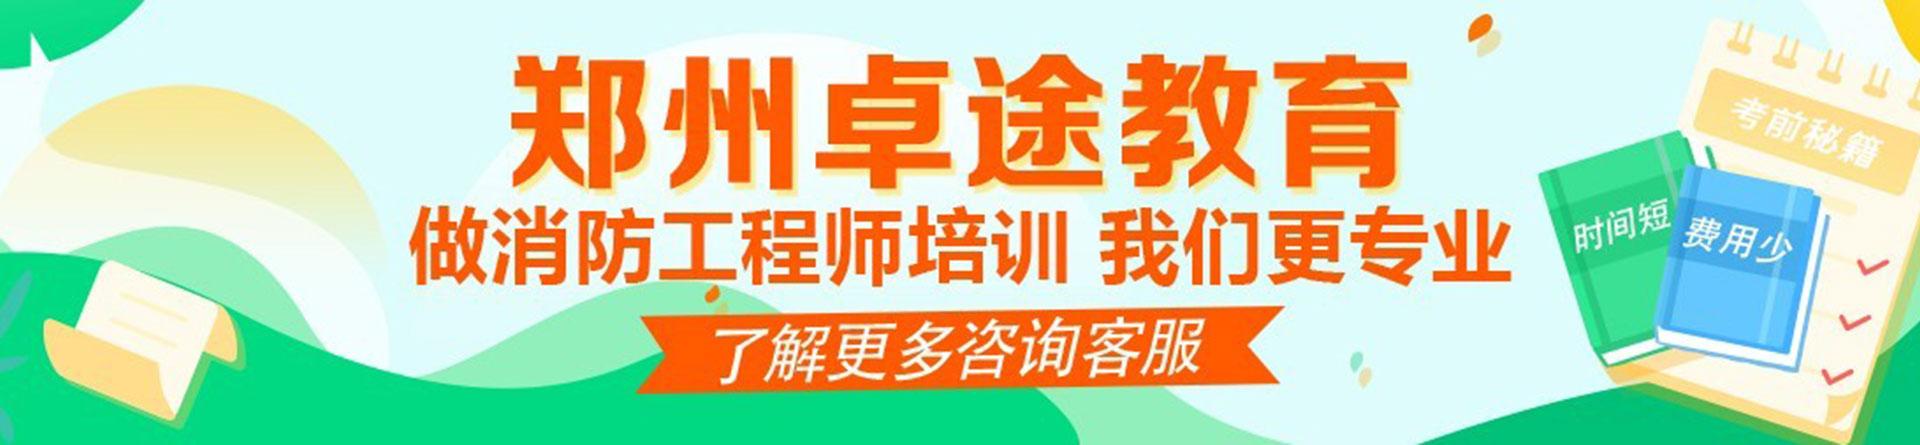 郑州卓途教育